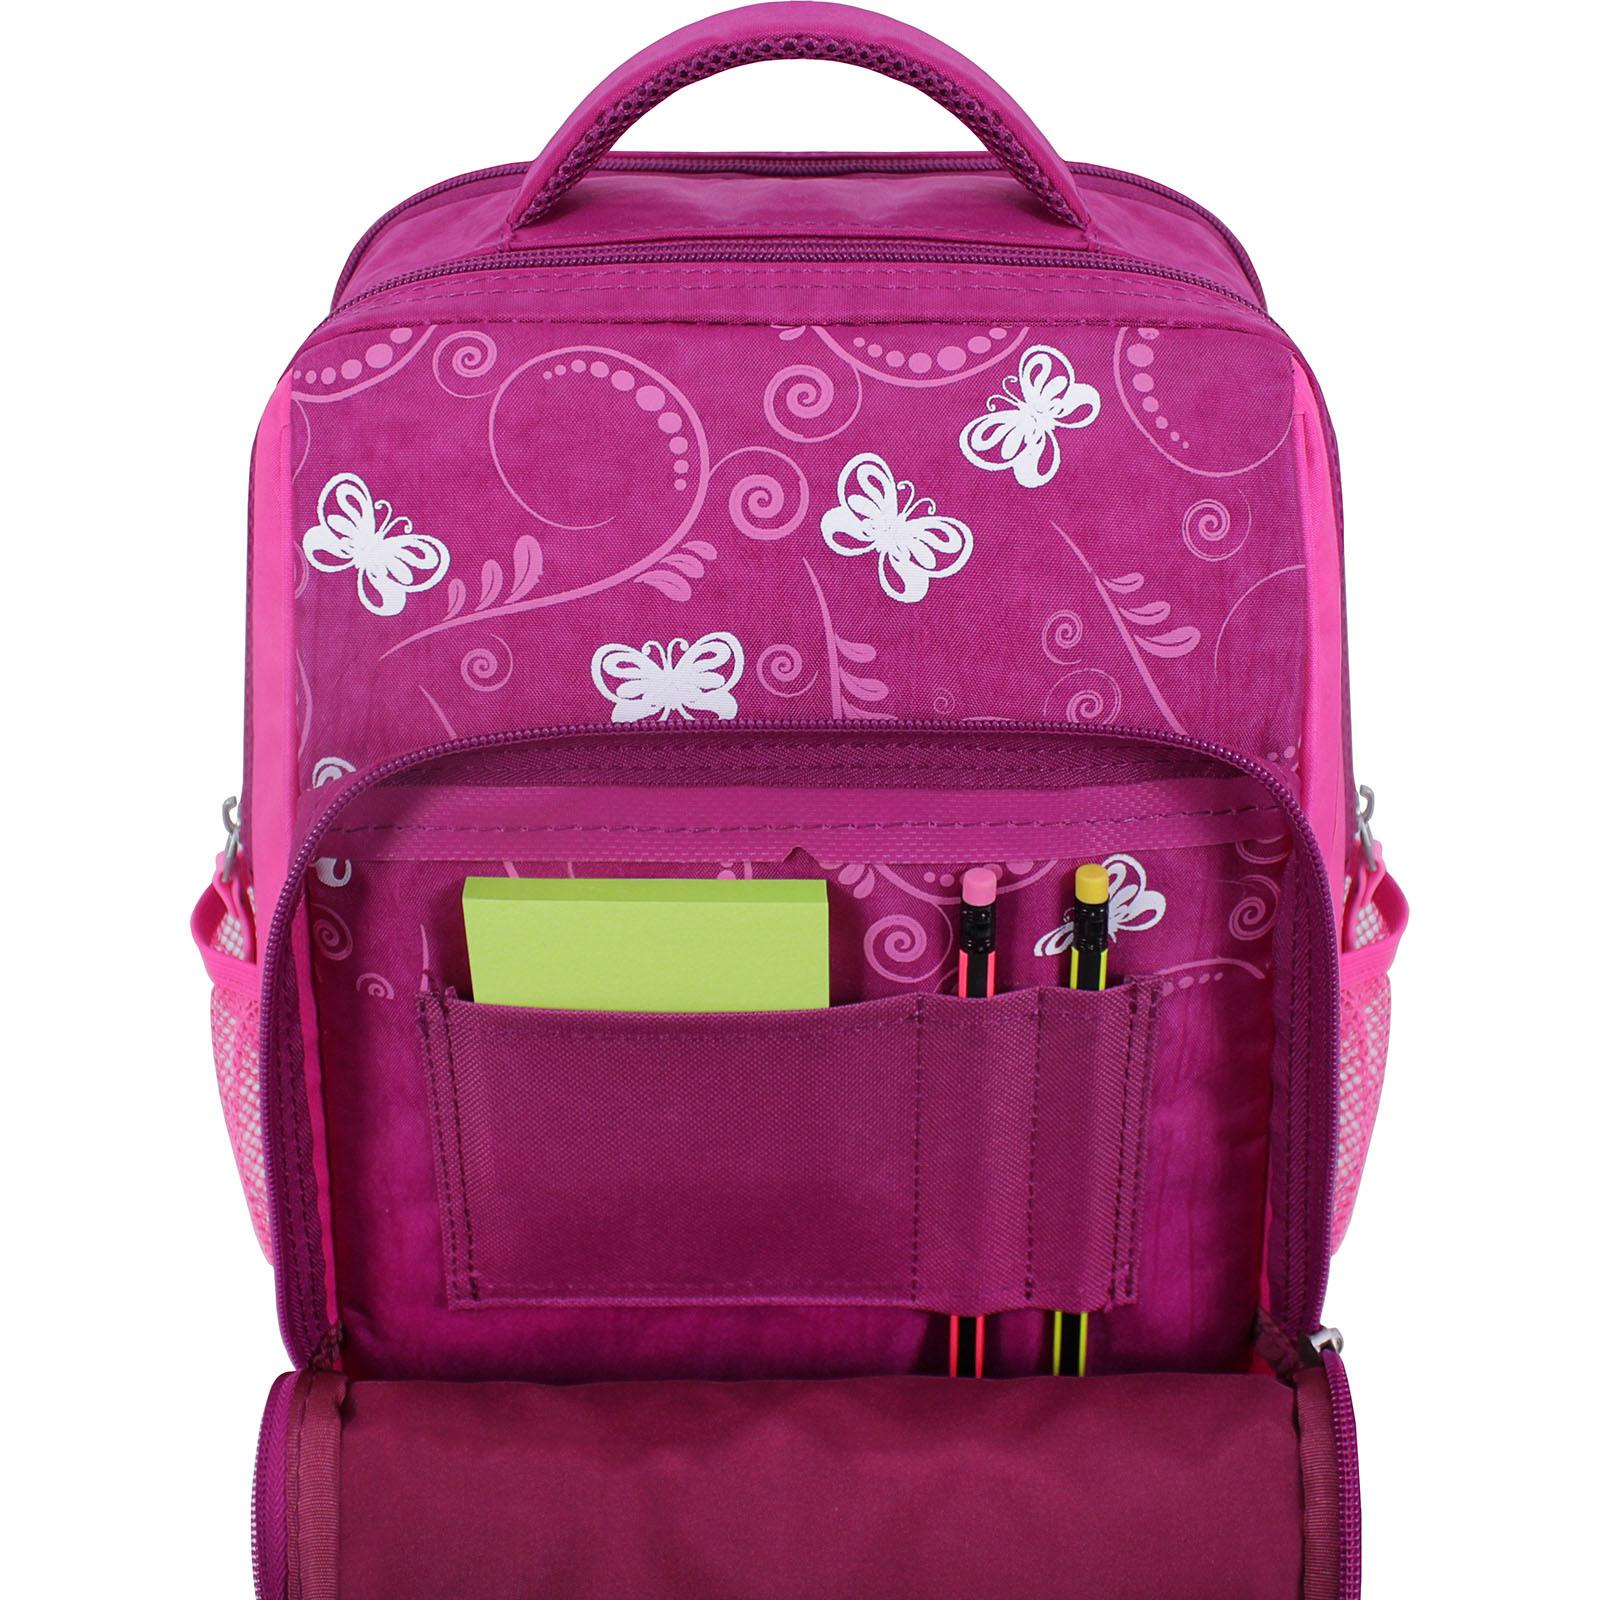 Рюкзак школьный Bagland Школьник 8 л. 143 малиновый 615 (0012870) фото 4